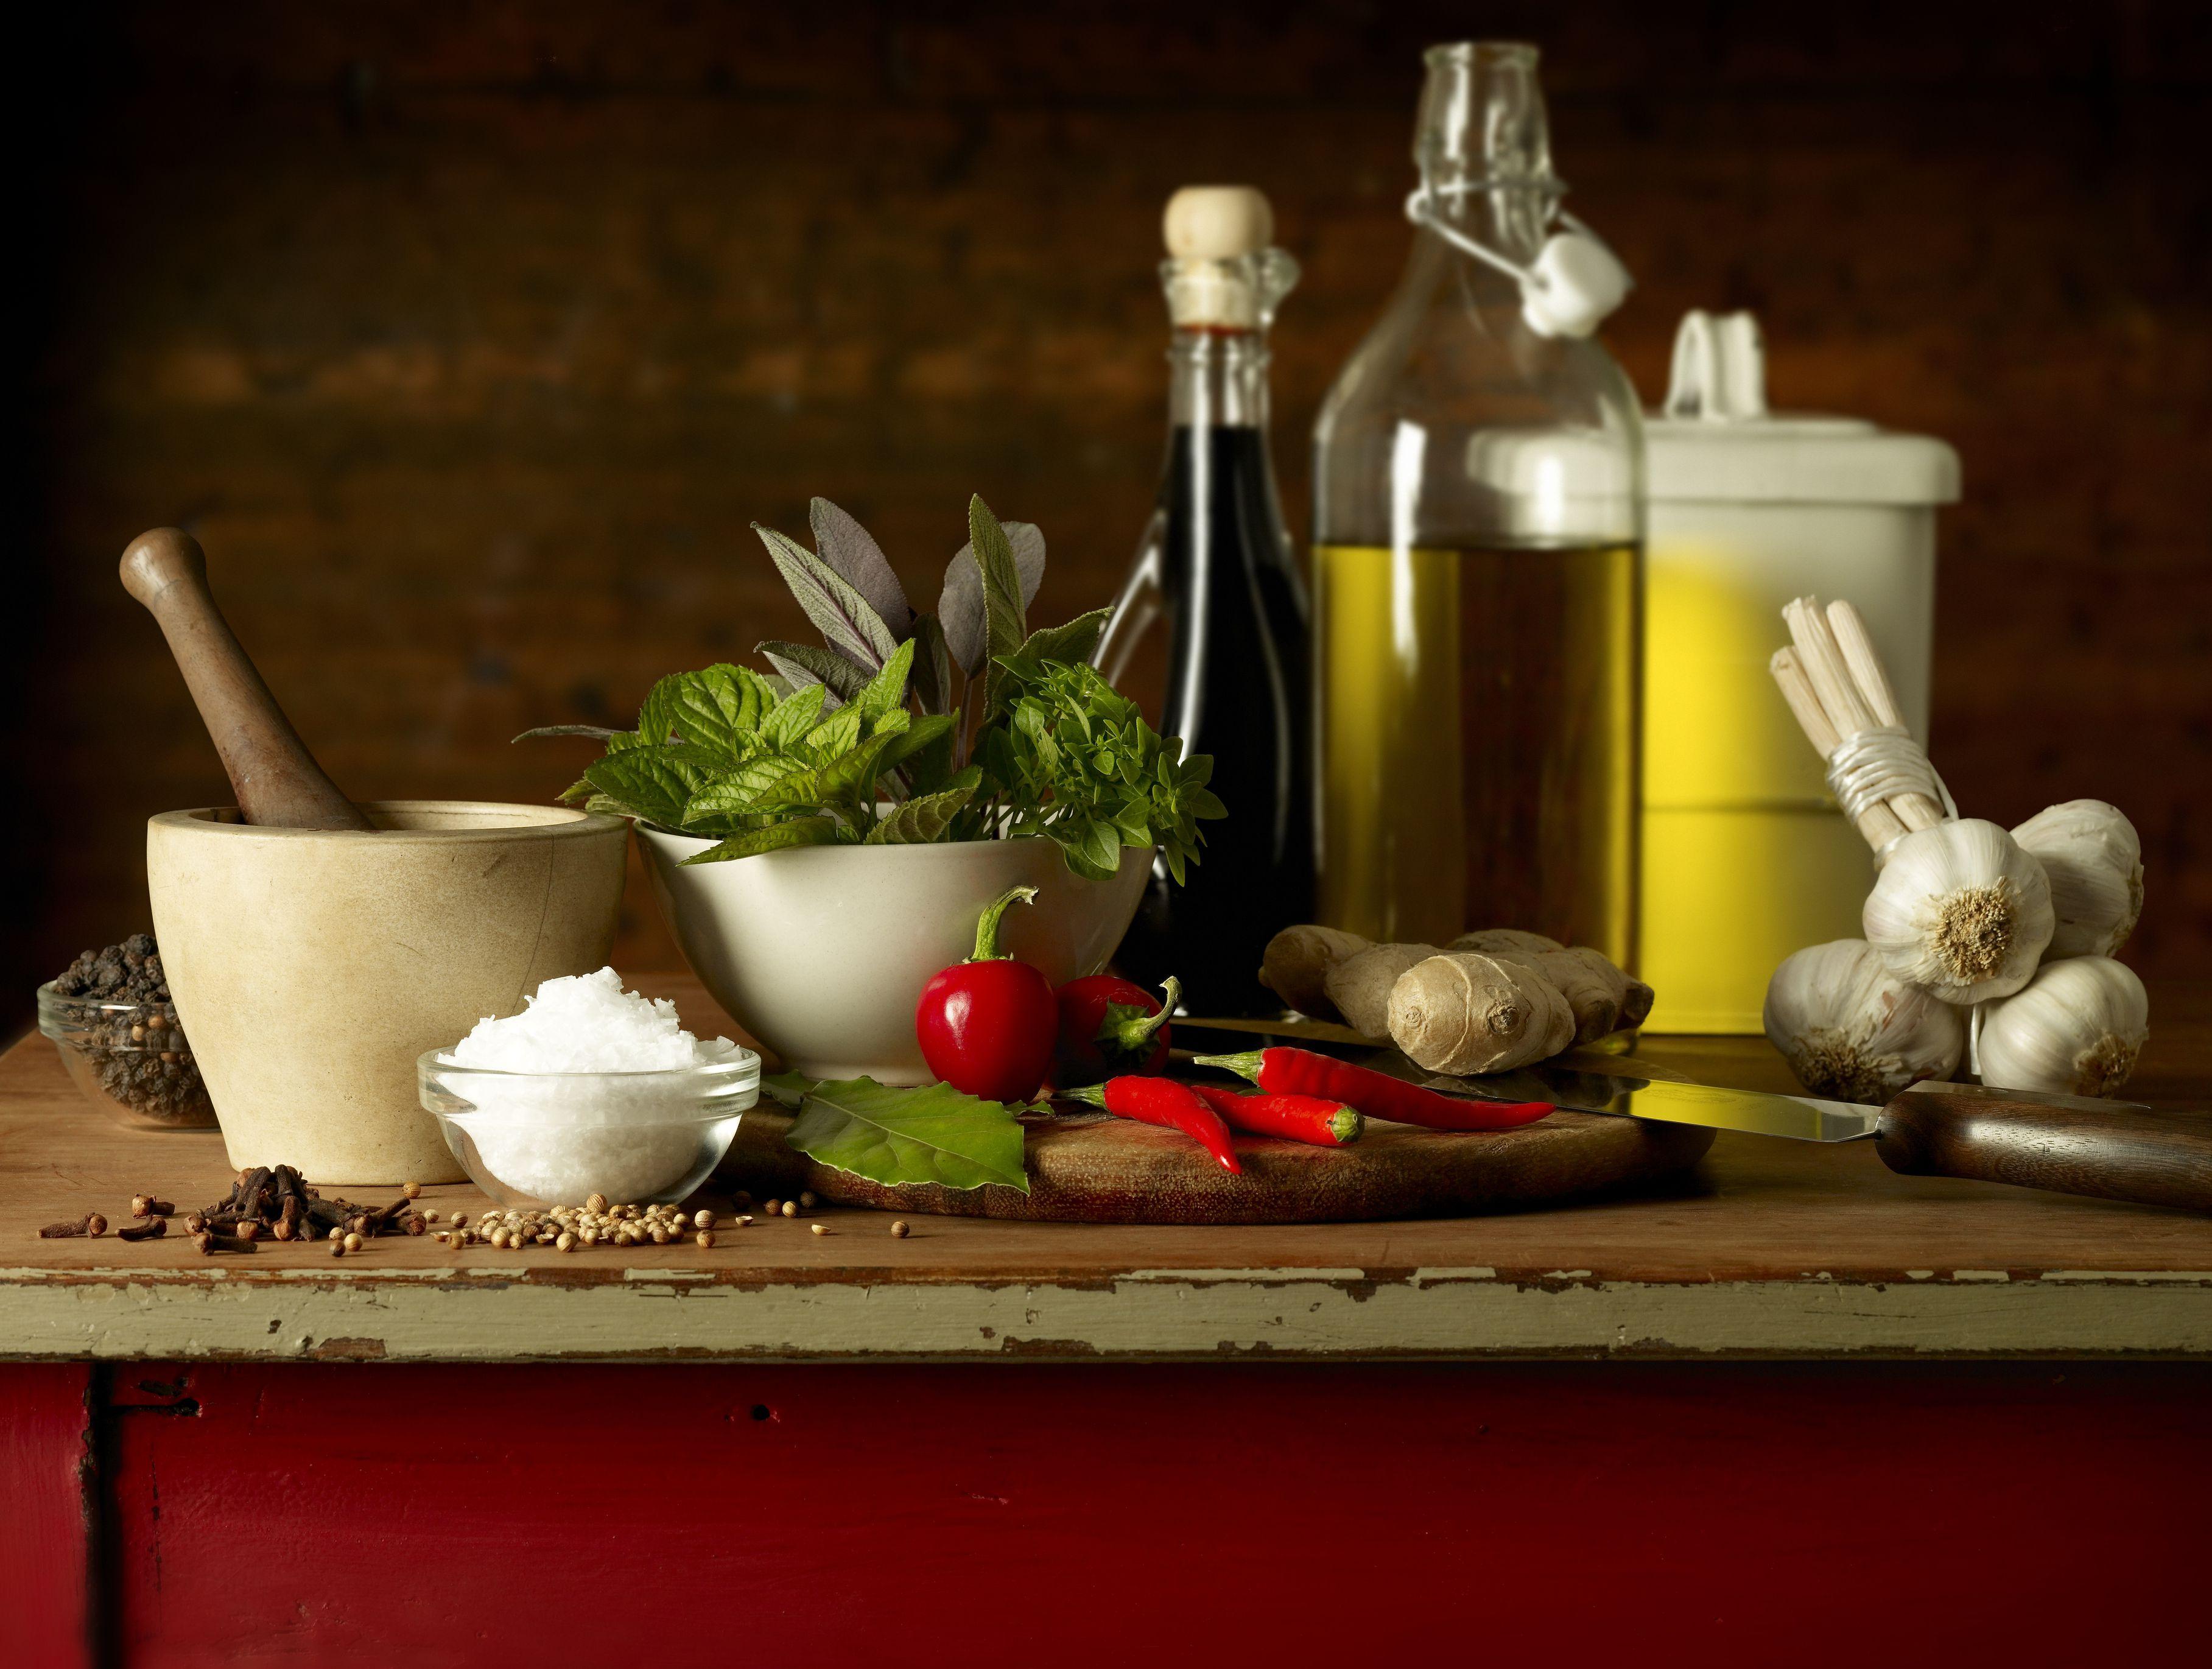 Selección de hierbas e ingredientes picantes utilizados en la cocina